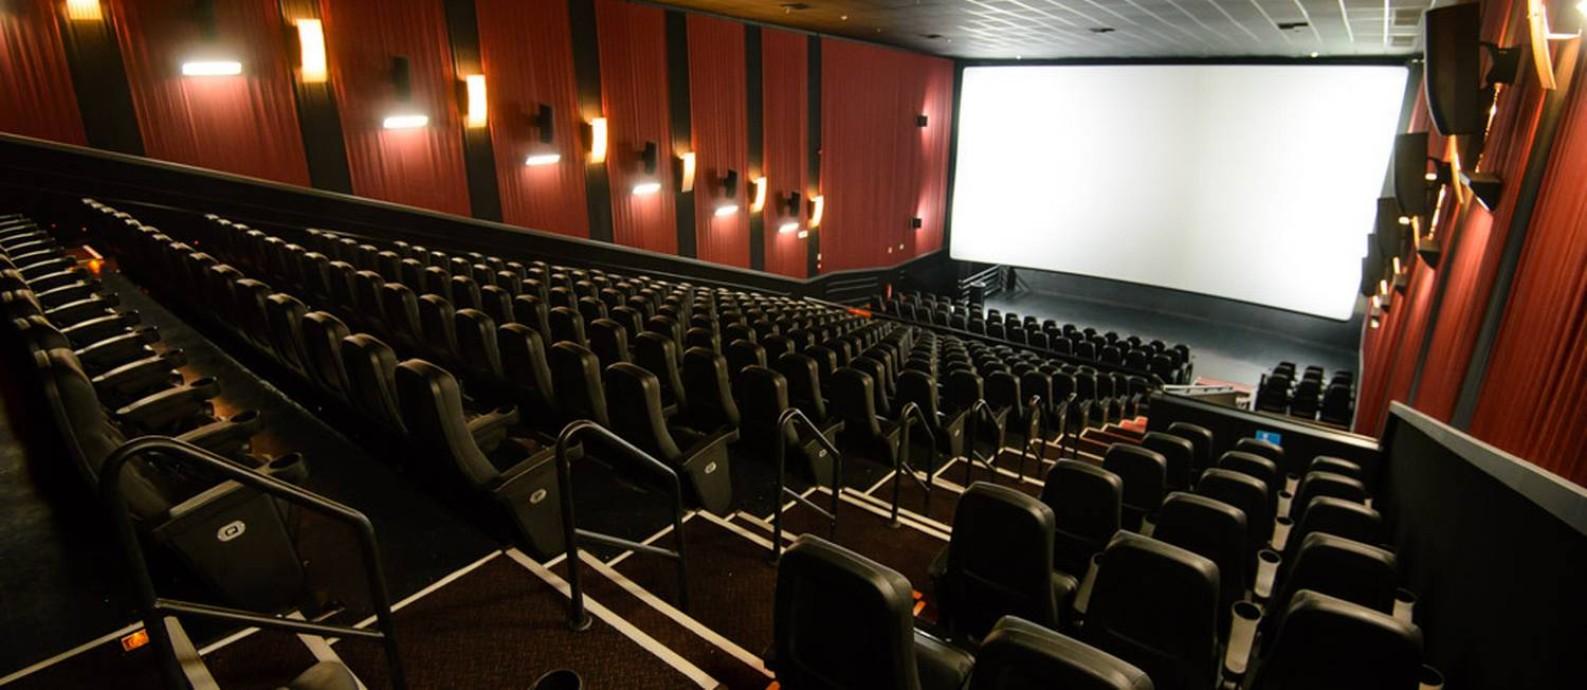 Sala de cinema no Rio: estado ganhou 26 salas desde 2017 Foto: Divulgação